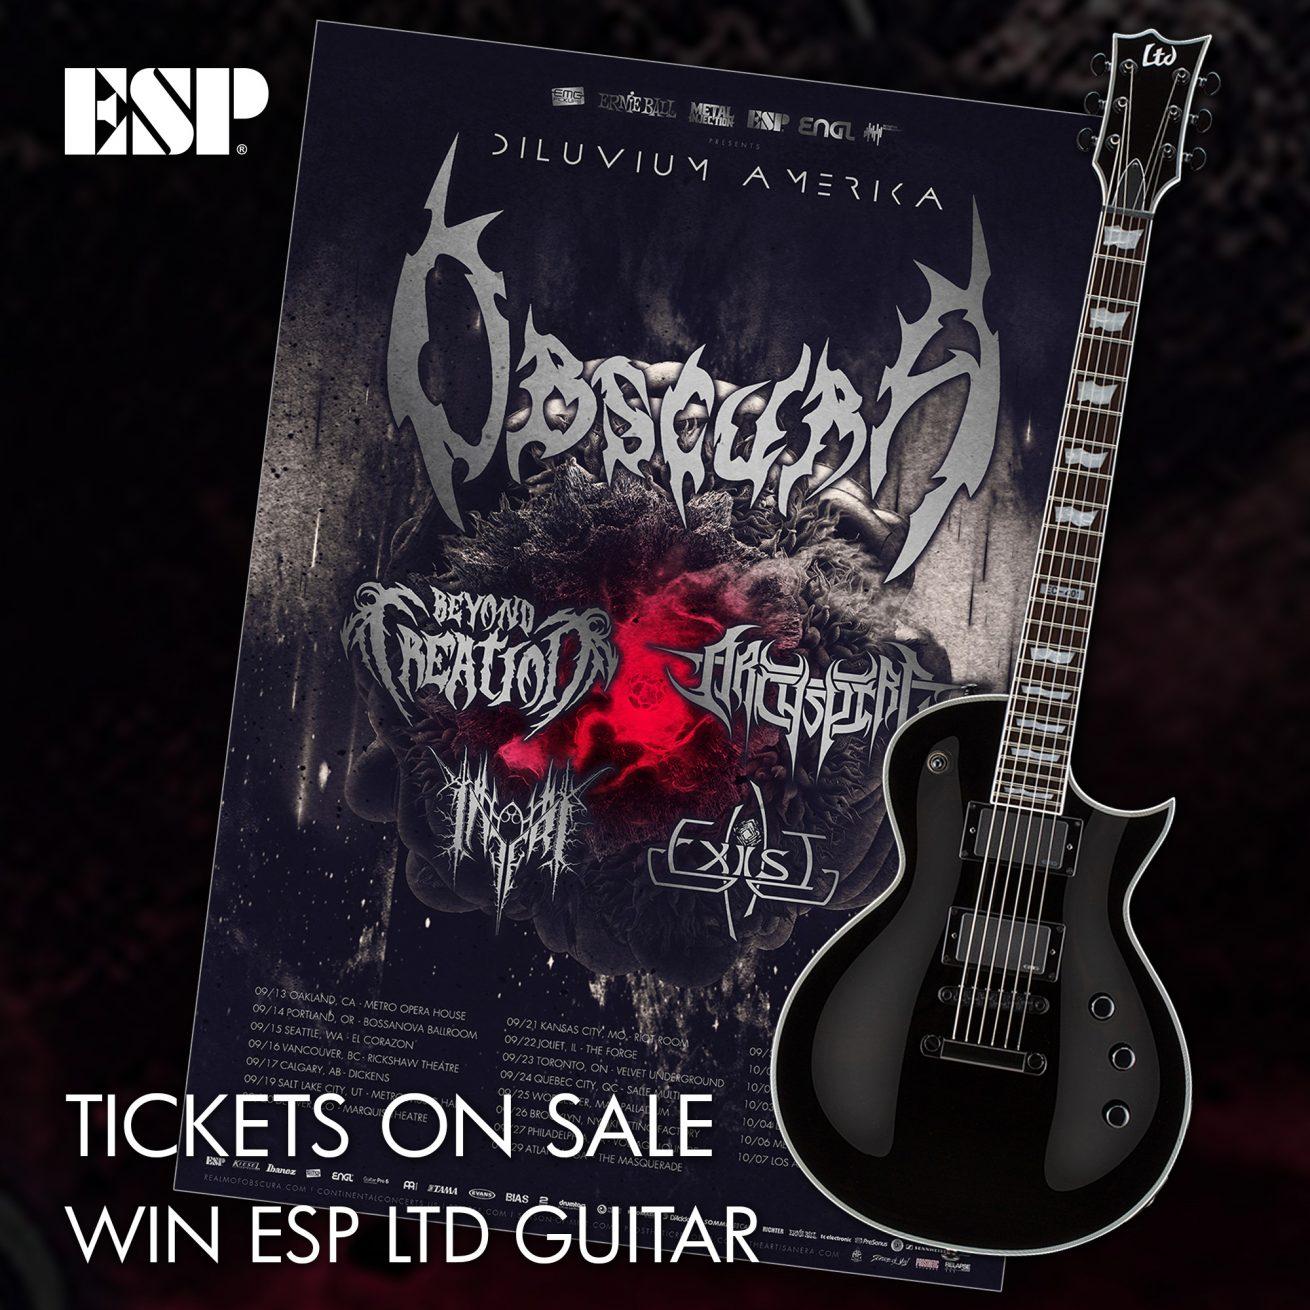 Obscura | Diluvium Amerika - Free ESP Guitar